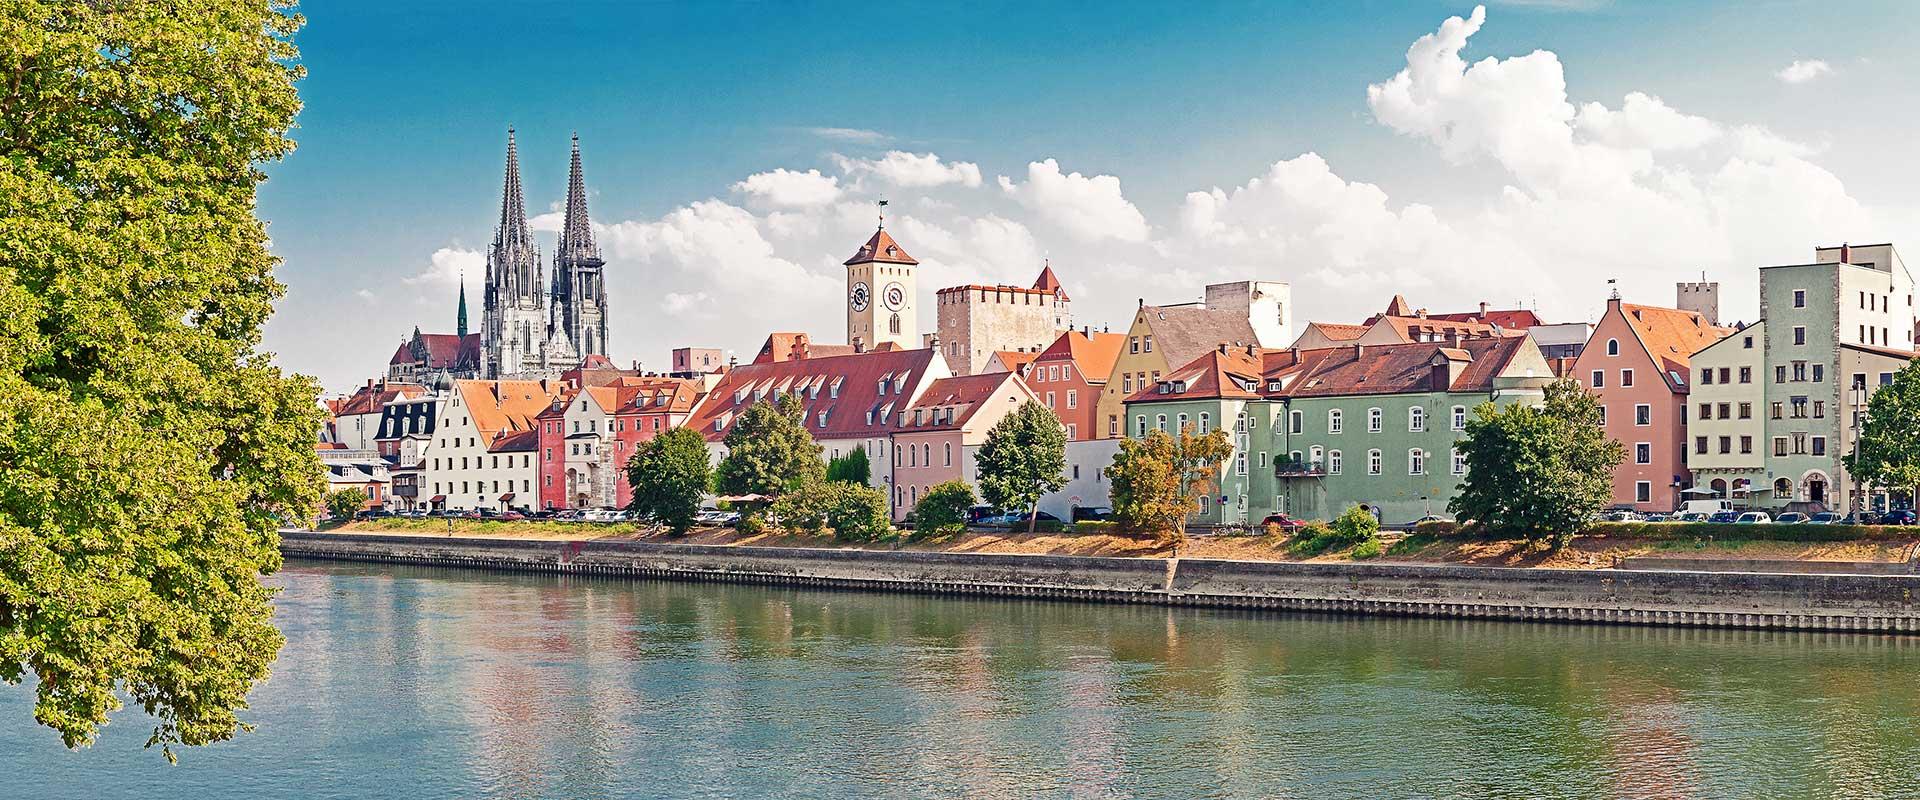 Arnold-Regensburg_Kontakt